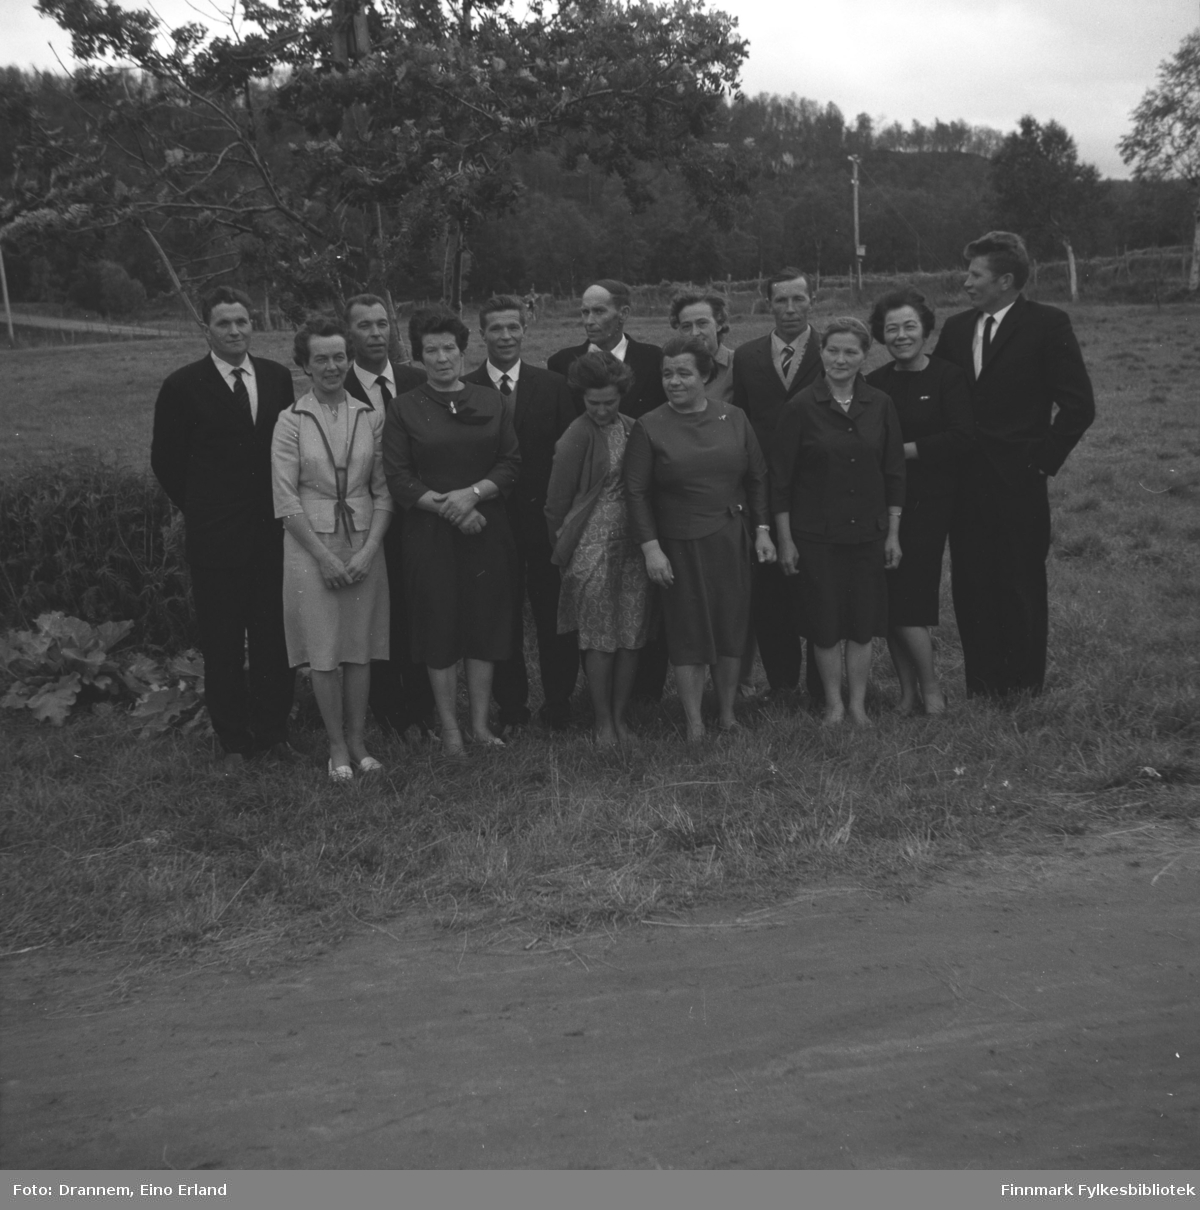 Flere personer i Karikoski-slekten poserer foran et jorde i Neiden sommeren 1965. De er, i bakre rekke fra venstre: Hermann Karikoski, Gunnar Karikoski, Aage Karikoski, Helge Karikoski, ukjent, Arne Karikoski og Oskar Karikoski. Foran fra venstre: Haldis Grunnfoss, Lyyli Arvola, Natalie Karikoski, Aslaug Karikoski, Alette Karikoski og Jenny Drannem.